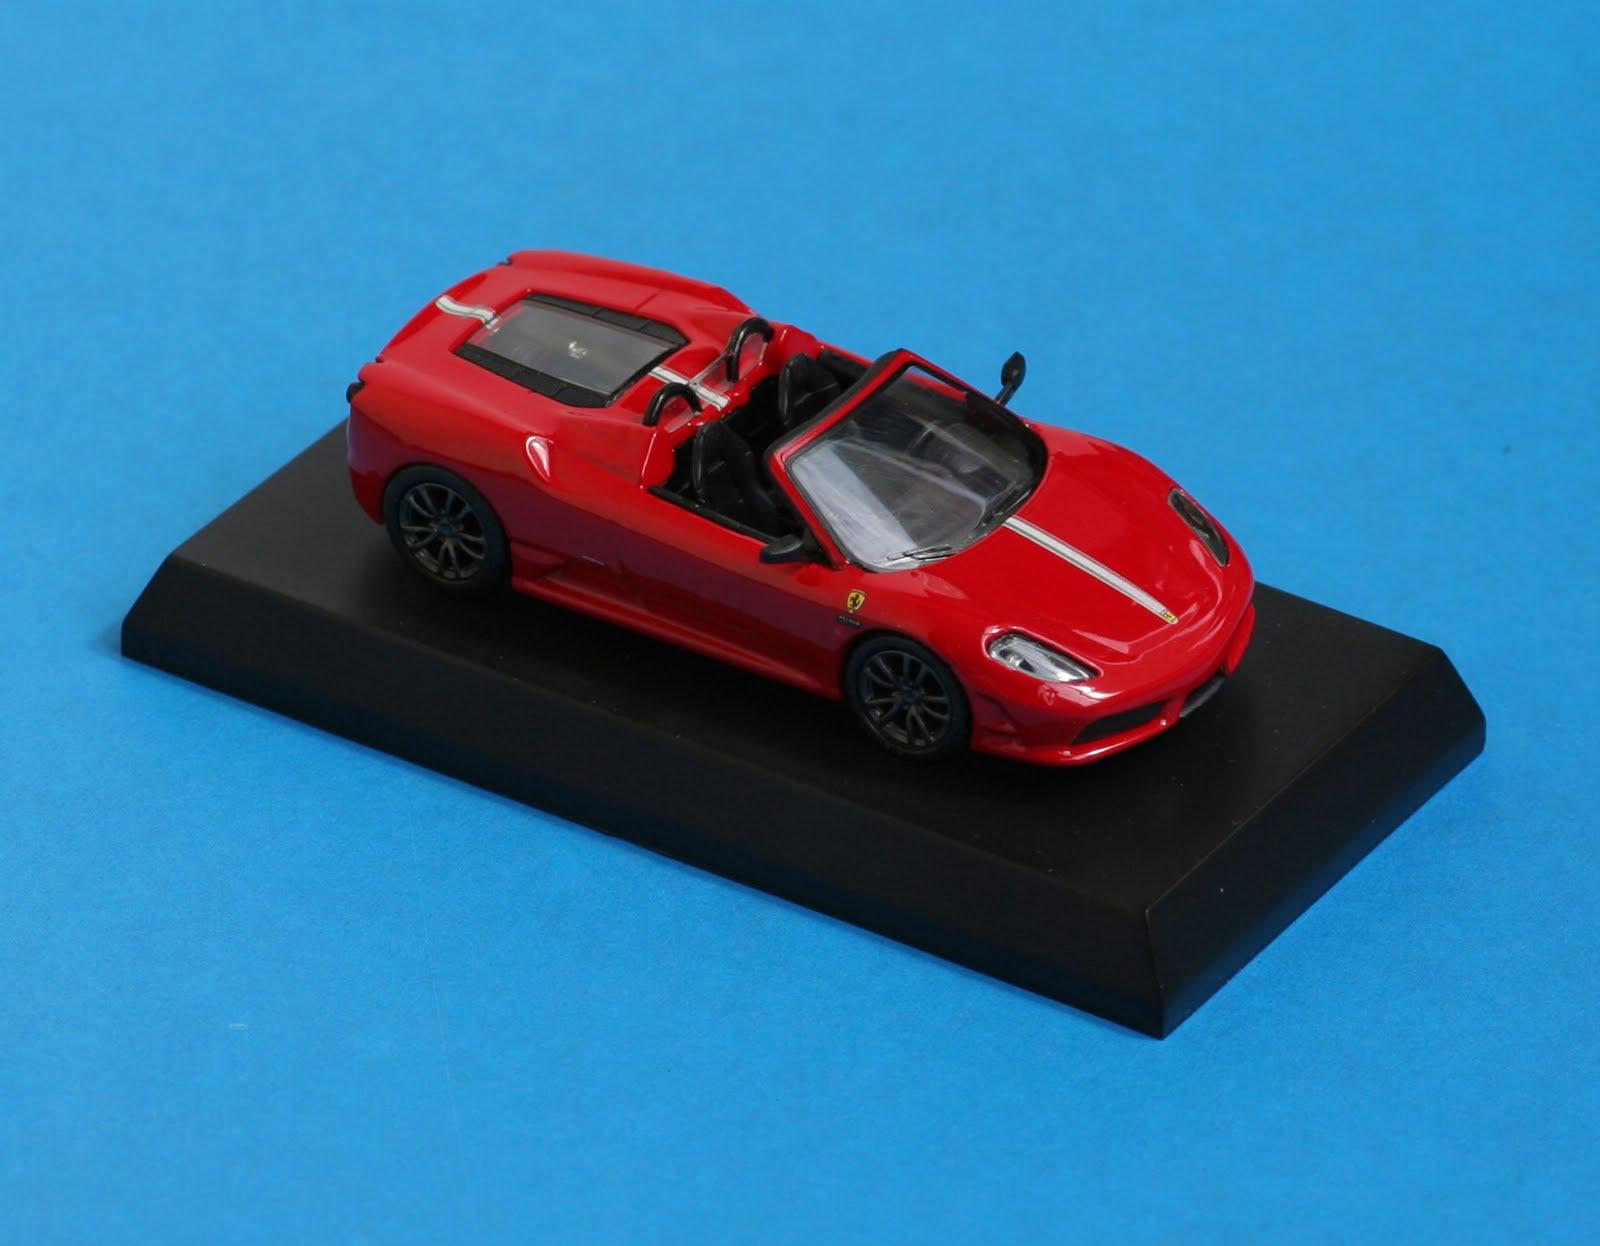 Incredible Mini Garage: Ferrari Scuderia Spider 16M 2008 Kyosho 1/64